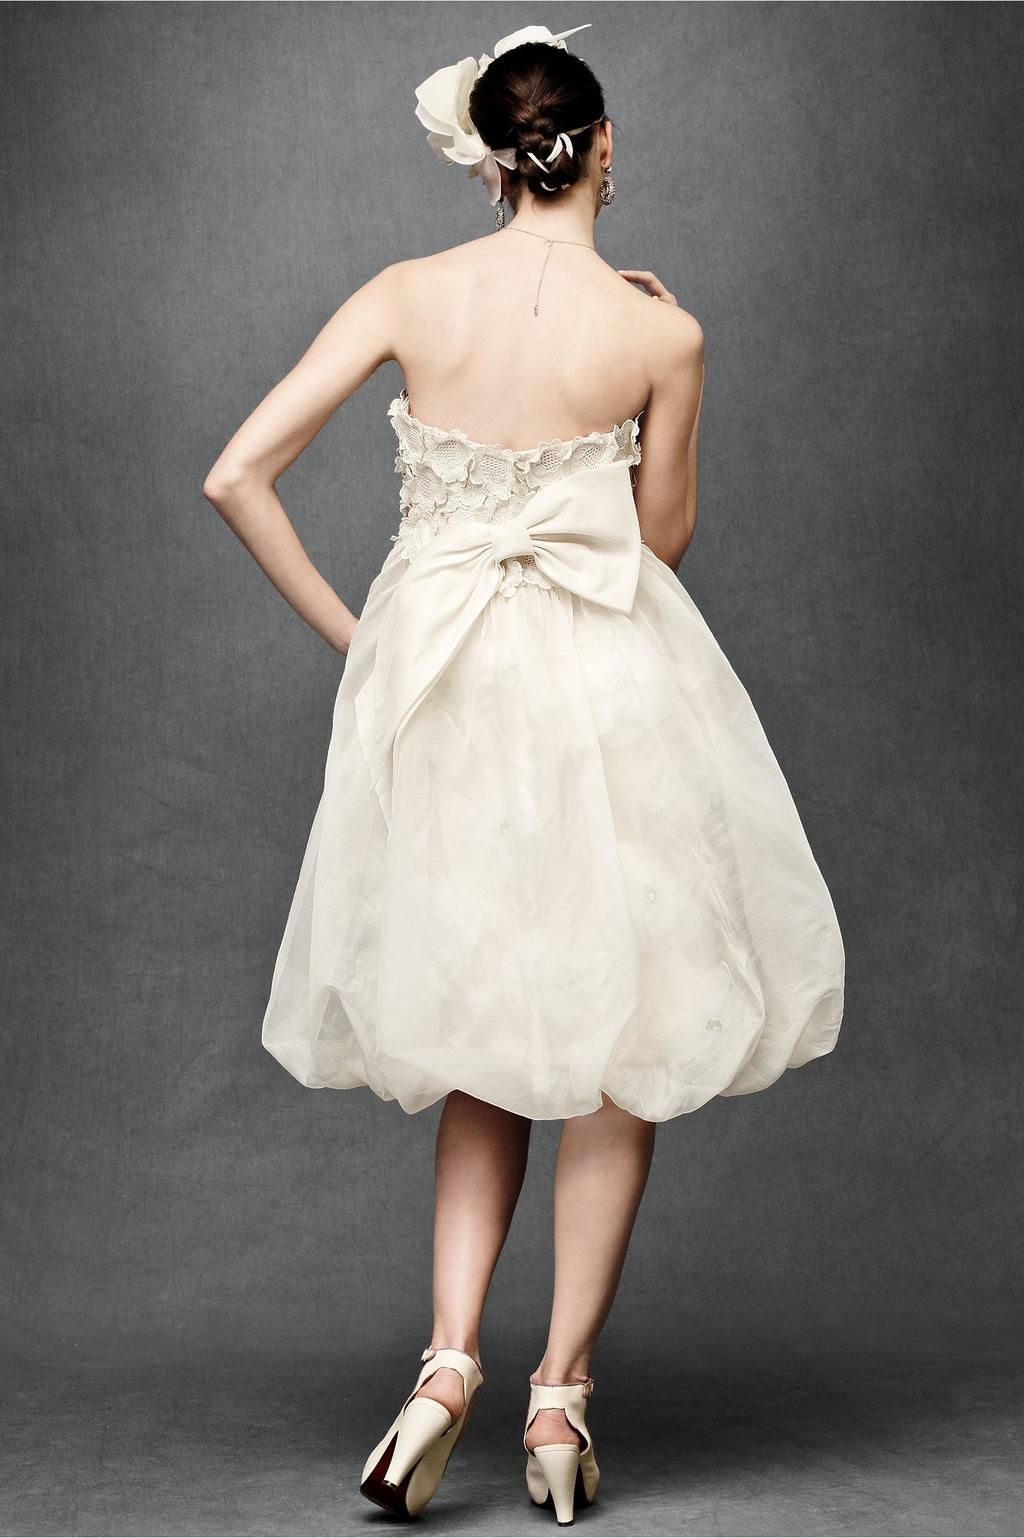 Floral-artwork-wedding-dress-2011-bhldn-knee-length-strapless-back.full